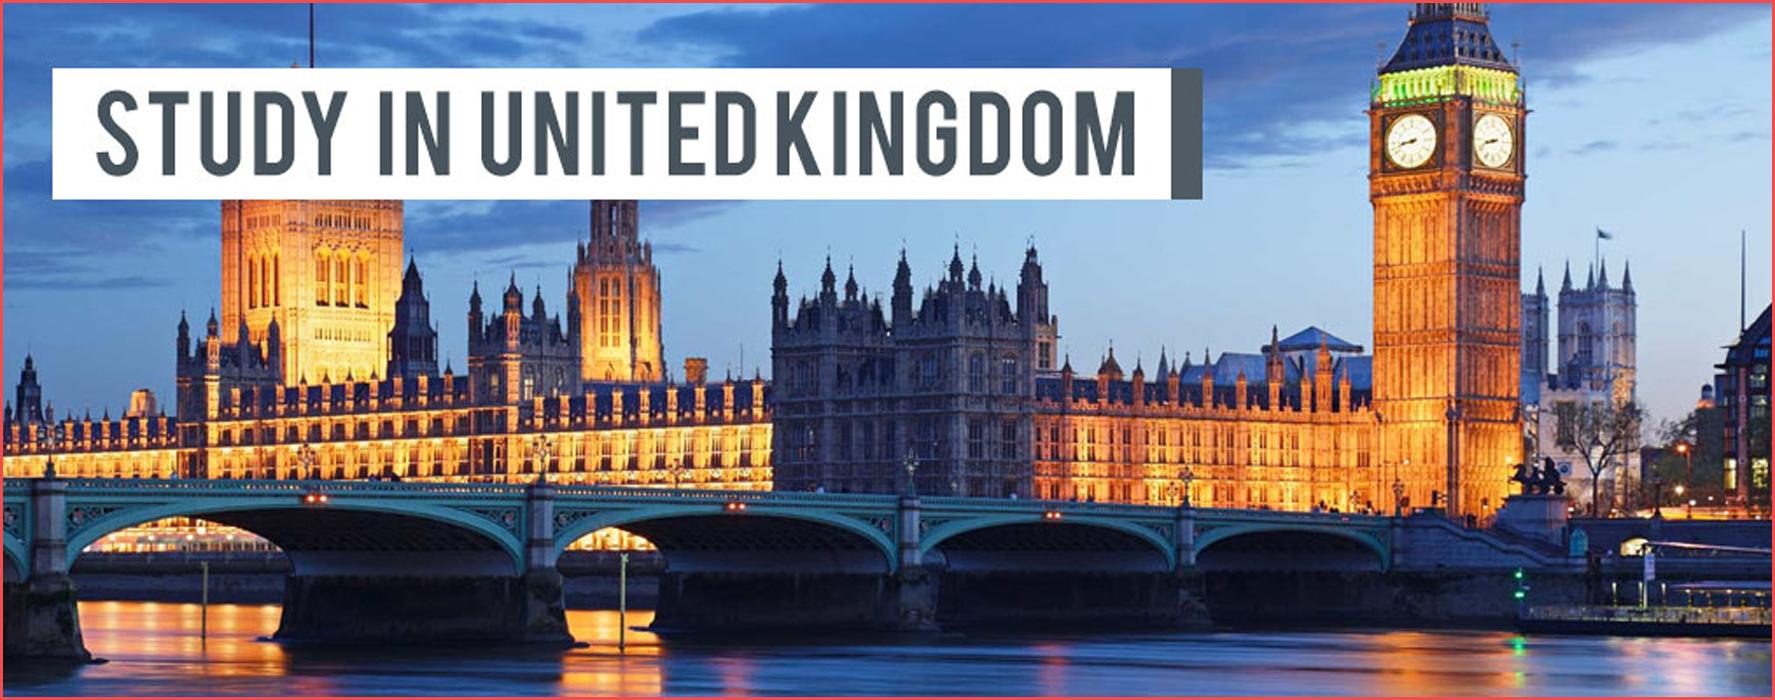 الهجرة الى بريطانيا عن طريق الدراسة